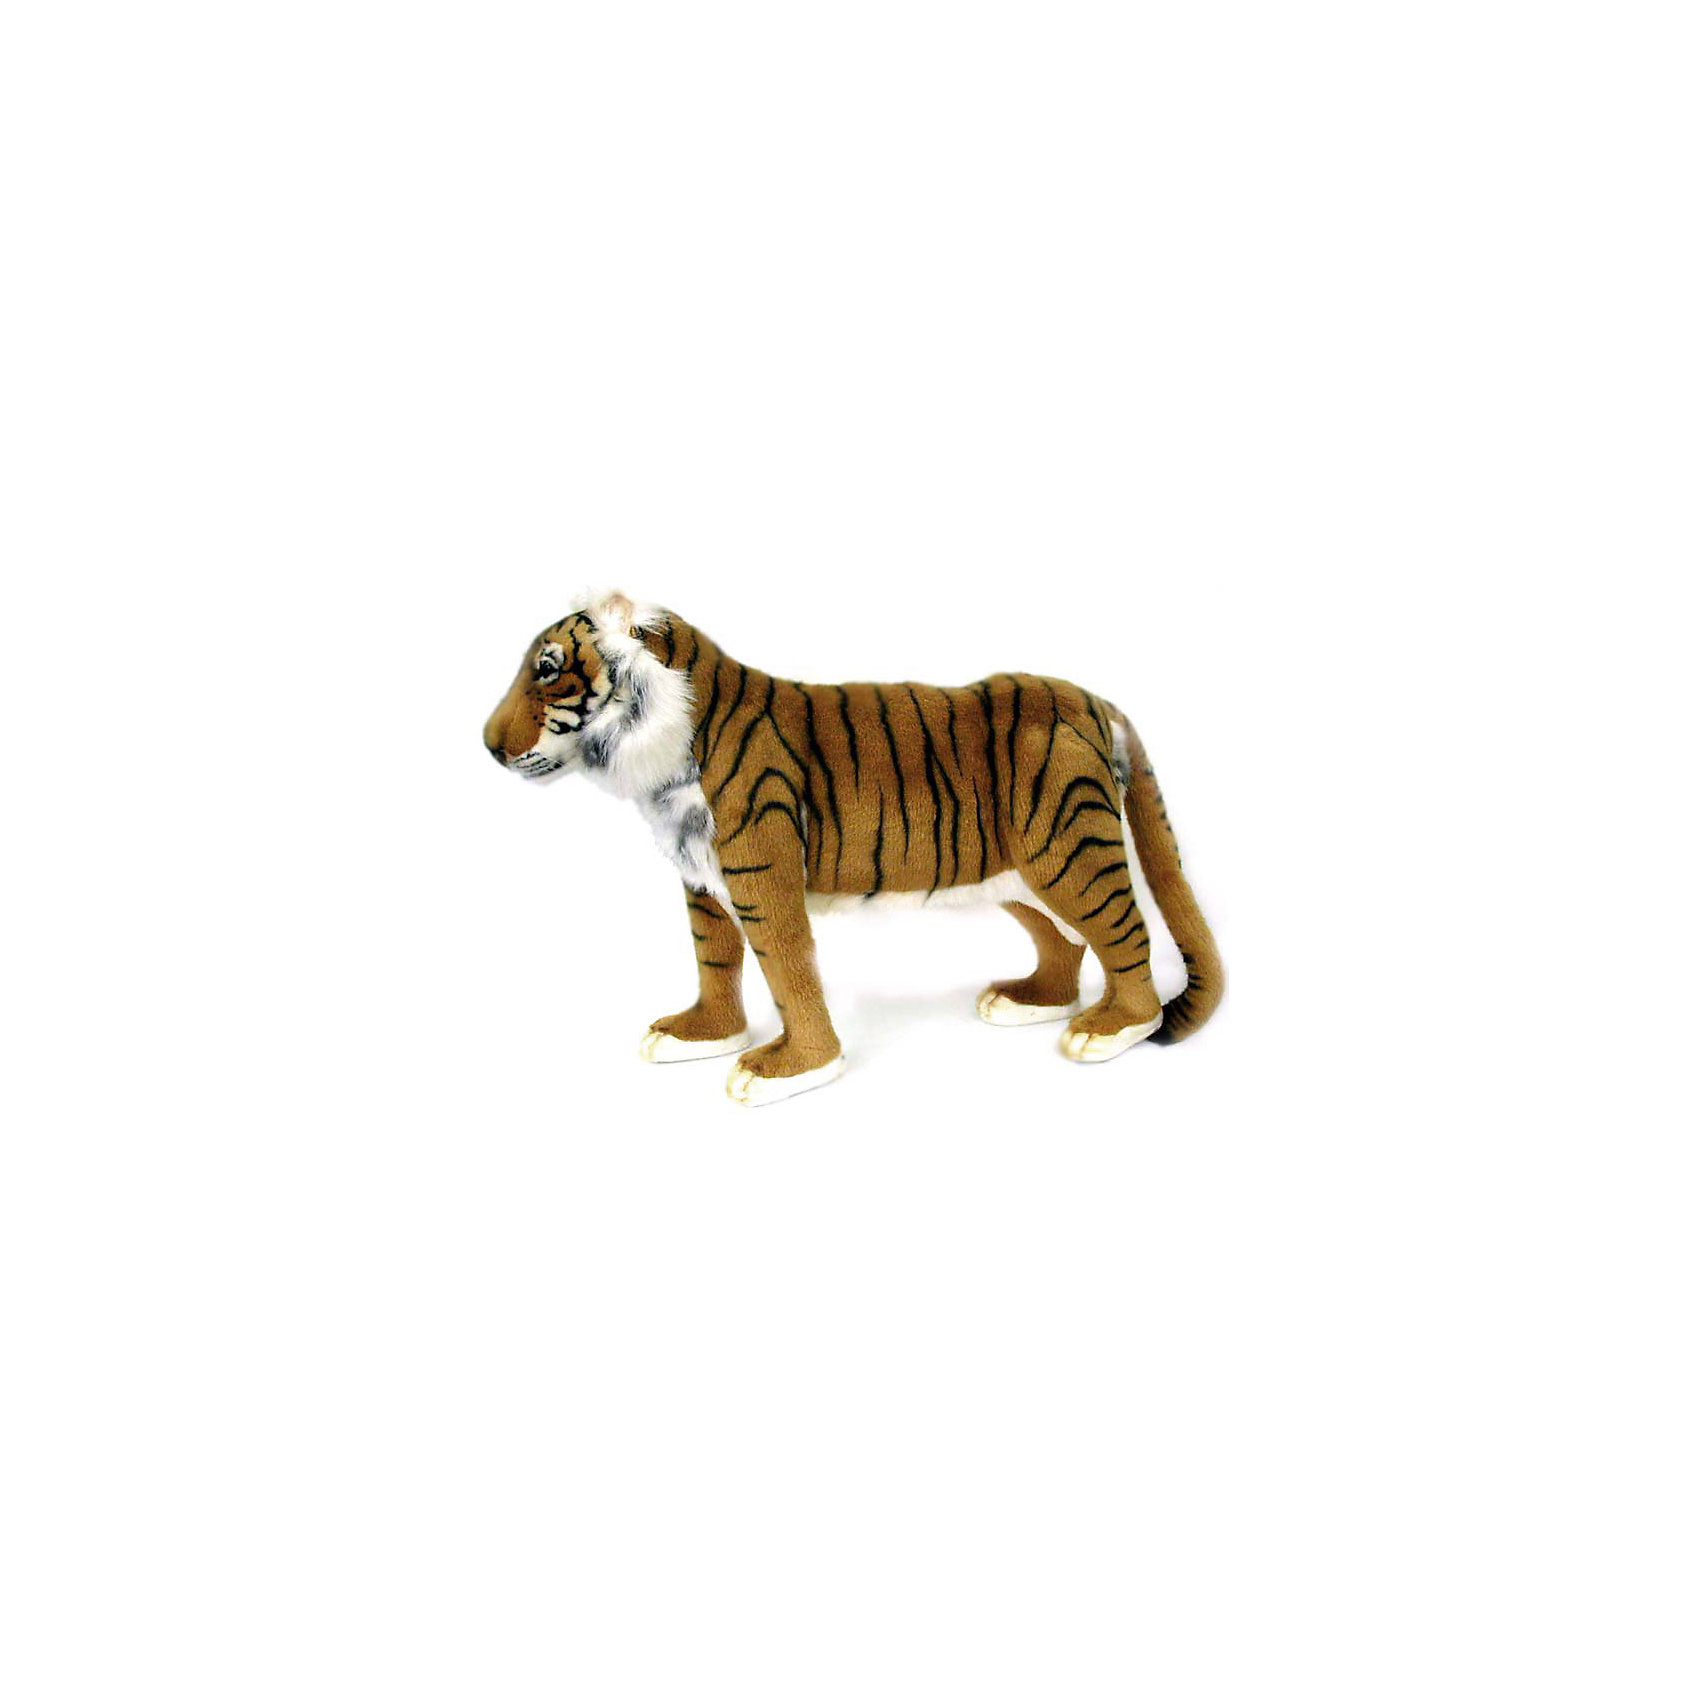 Тигр , 60 смТигр, 60 см – игрушка от знаменитого бренда Hansa, специализирующегося на выпуске мягких игрушек с высокой степенью натуралистичности. Внешний вид игрушки полностью соответствует реальному прототипу –  тигру. Он выполнен из искусственного меха с коротким ворсом. Окрас меха выполнен в рыжих и коричневых оттенках в черную полоску. Внутри имеется металлический каркас, который позволяет изменять положение. <br>Игрушка относится к серии Дикие животные. Выполнена из искусственного меха, обладающего гипоаллергенными свойствами.   <br>Мягкие игрушки от Hansa подходят для сюжетно-ролевых игр, для обучающих игр, направленных на знакомство с животным миром дикой природы. Кроме того, их можно использовать в качестве интерьерных игрушек. Коллекция из нескольких игрушек позволяет создать свой домашний зоопарк, который будет радовать вашего ребенка долгое время, так как ручная работа и качественные материалы гарантируют их долговечность и прочность.<br><br>Дополнительная информация:<br><br>- Вид игр: сюжетно-ролевые игры, коллекционирование, интерьерные игрушки<br>- Предназначение: для дома, для детских развивающих центров, для детских садов<br>- Материал: искусственный мех, наполнитель ? полиэфирное волокно<br>- Размер (ДхШхВ): 55*45*20 см<br>- Вес: 1 кг 050 г<br>- Особенности ухода: сухая чистка при помощи пылесоса или щетки для одежды<br><br>Подробнее:<br><br>• Для детей в возрасте: от 3 лет <br>• Страна производитель: Филиппины<br>• Торговый бренд: Hansa<br><br>Тигра, 60 см можно купить в нашем интернет-магазине.<br><br>Ширина мм: 55<br>Глубина мм: 45<br>Высота мм: 20<br>Вес г: 1050<br>Возраст от месяцев: 36<br>Возраст до месяцев: 2147483647<br>Пол: Унисекс<br>Возраст: Детский<br>SKU: 4927162